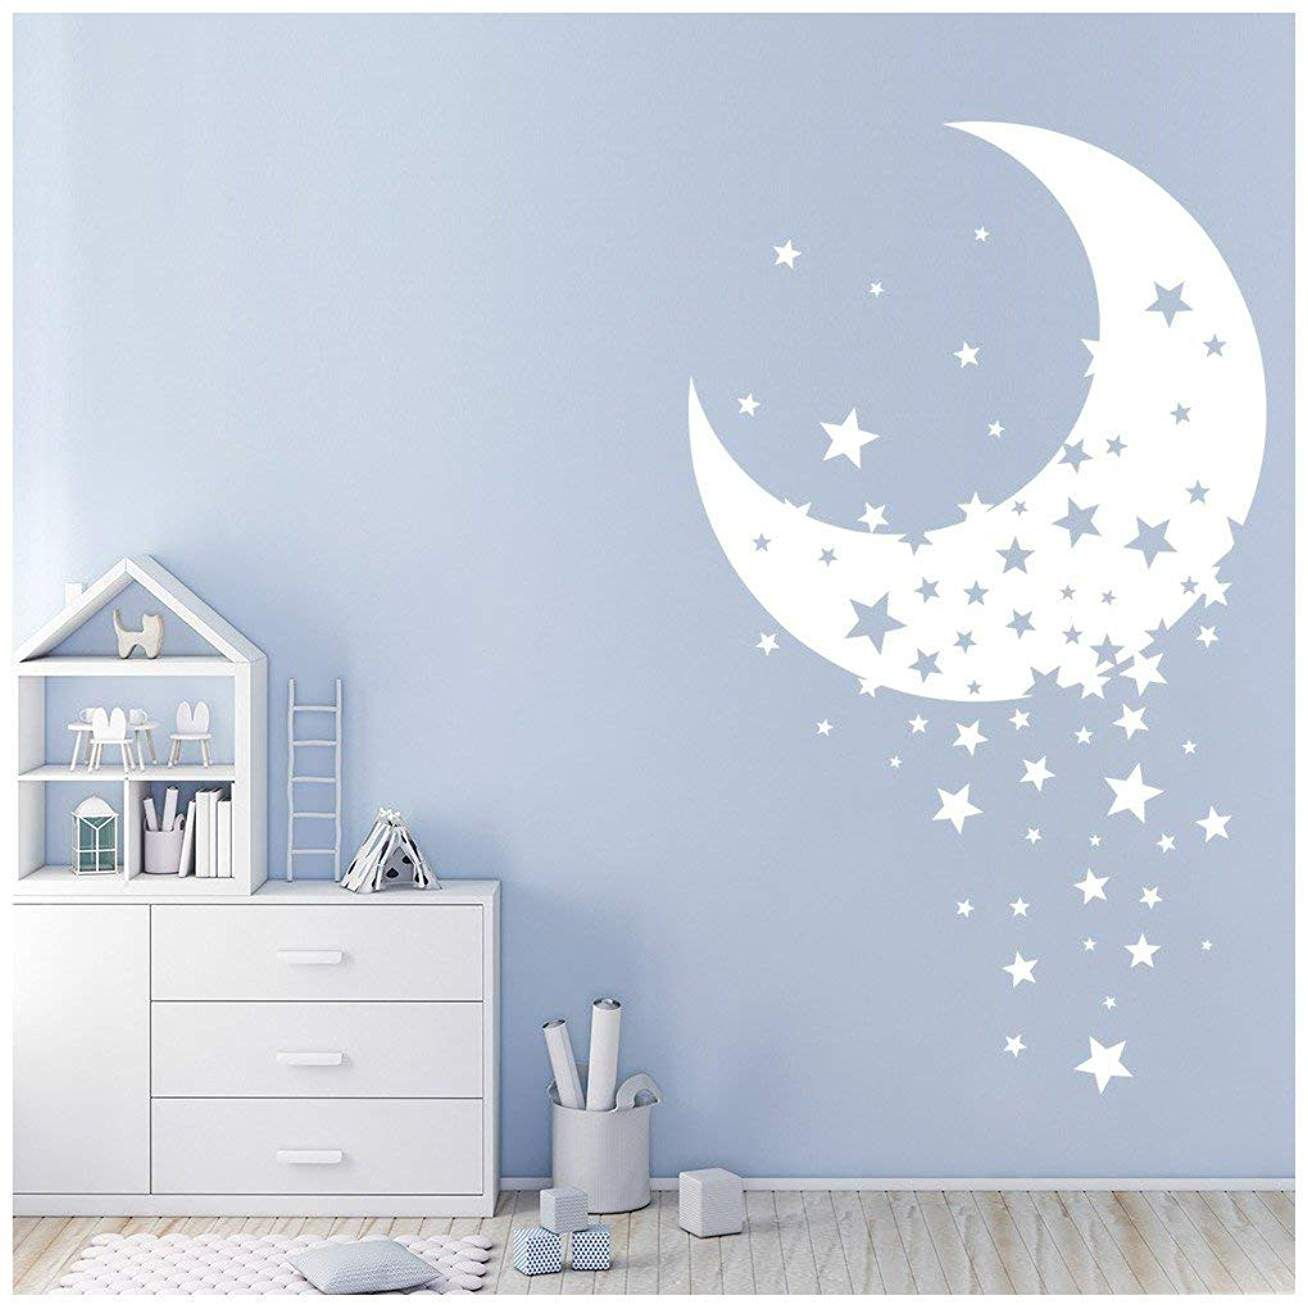 Azutura Etoile Scintillante Sticker Muraux Lune Autocollant Mural